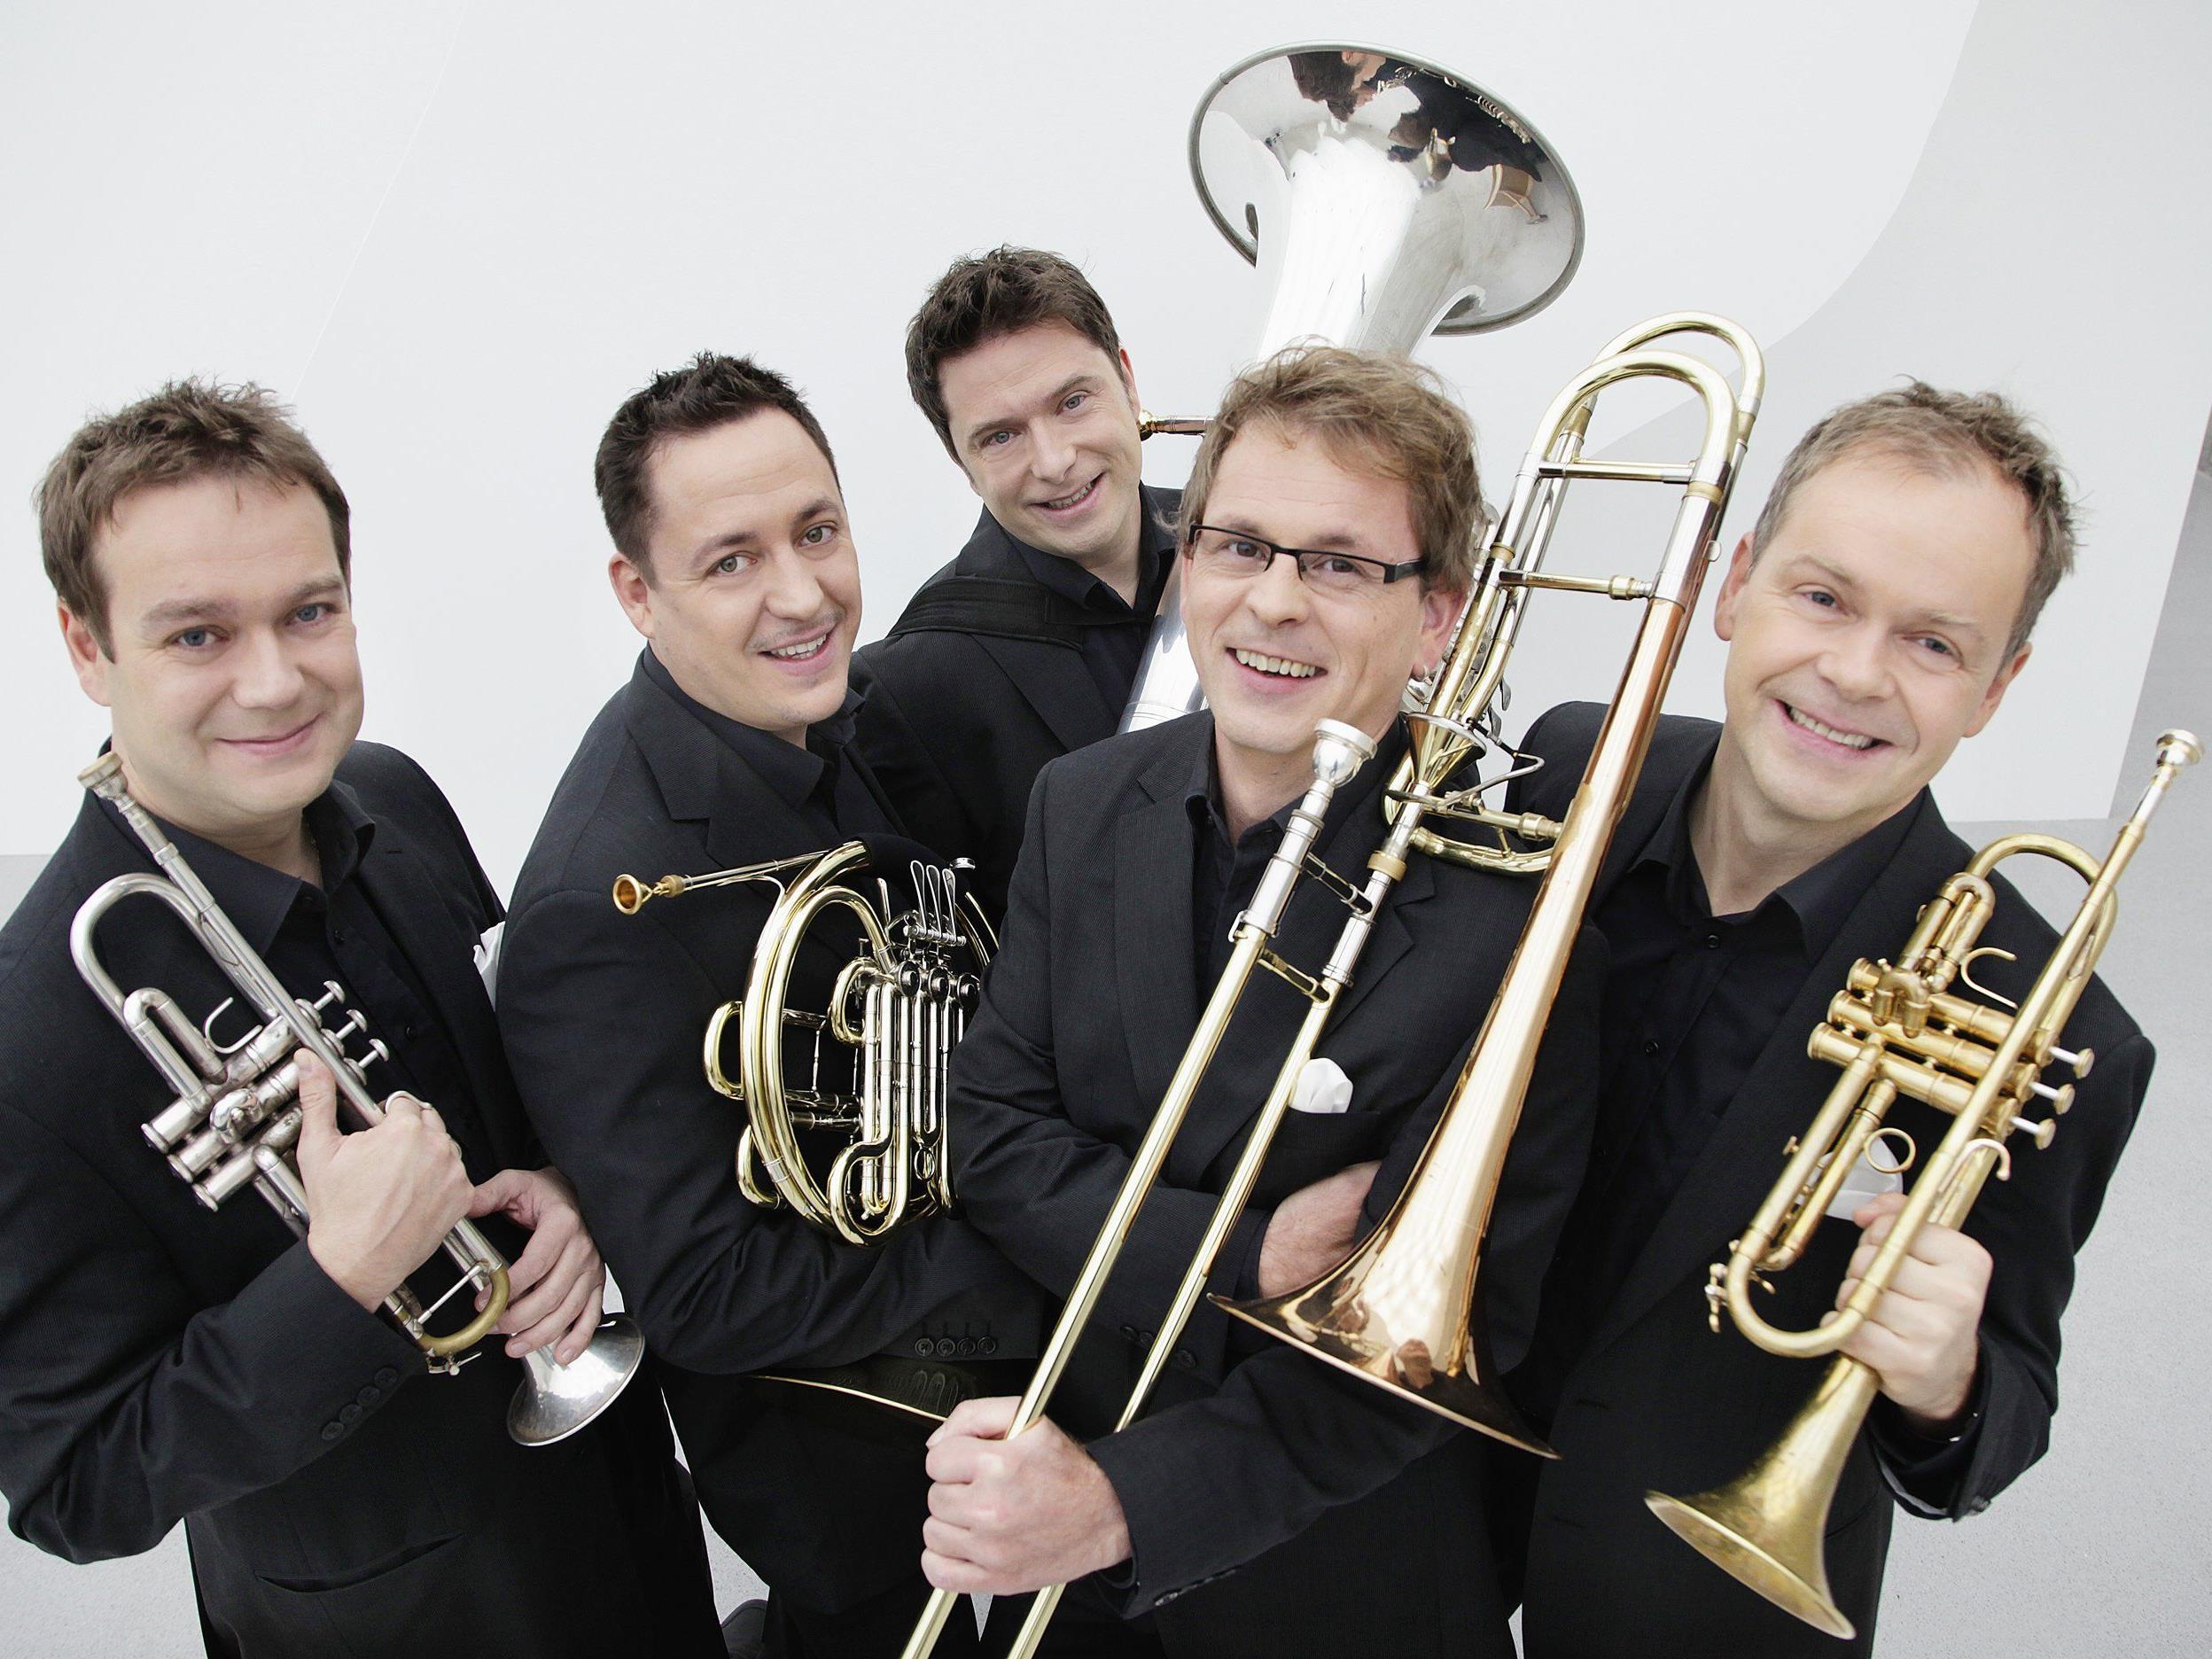 Montag, 23. Dezember - Weihnachten mit dem Sonus Brass Ensemble & Kurt Sternik.